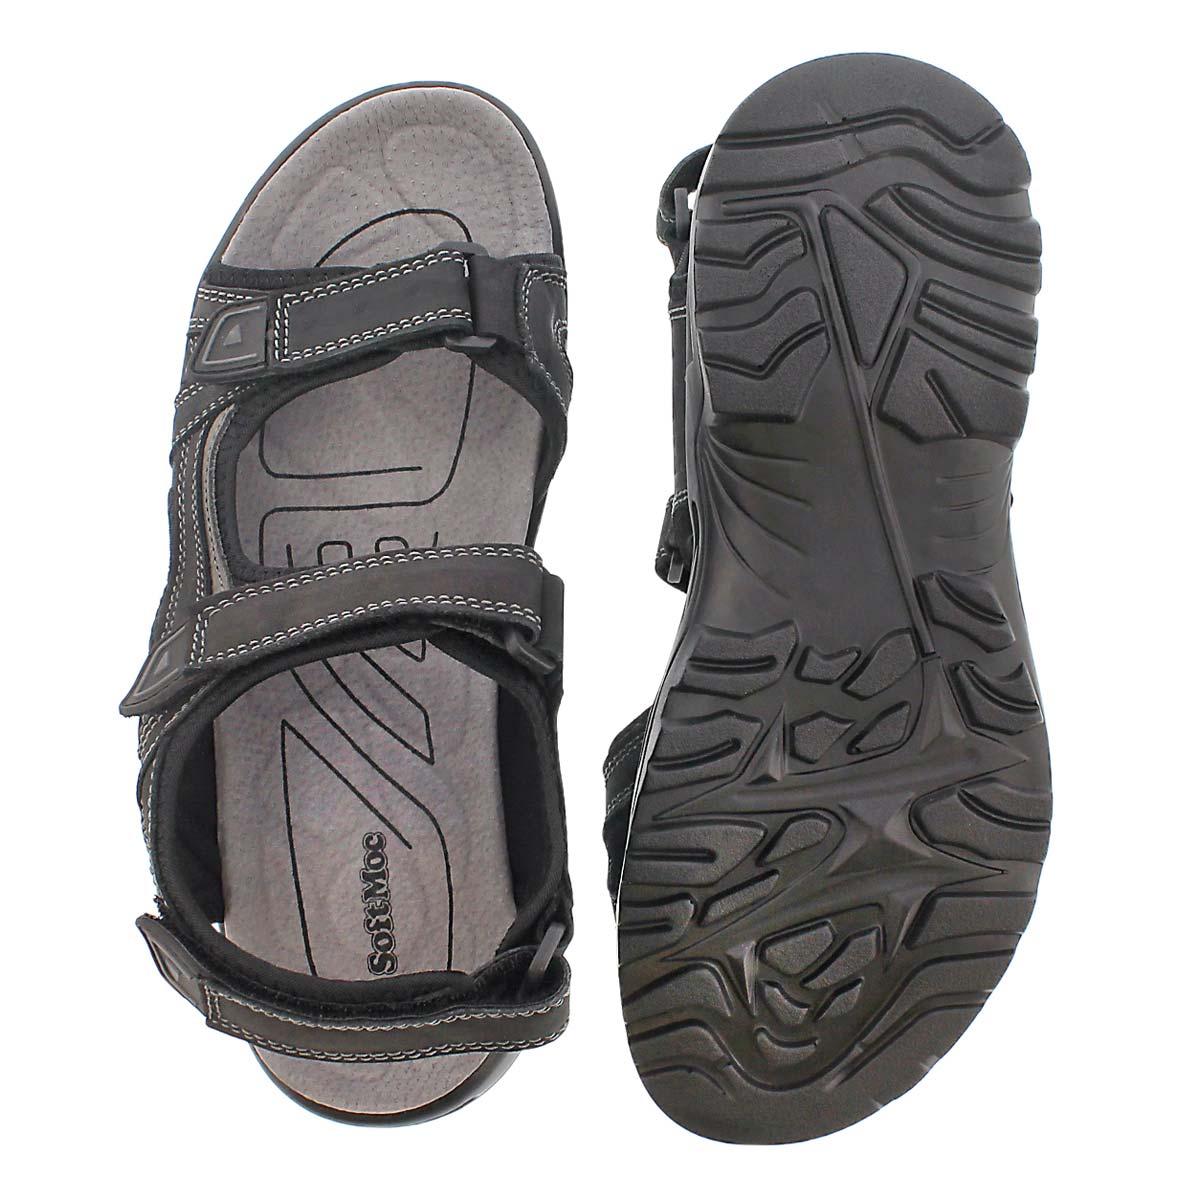 Mns Klutch black 3 strap sport sandal